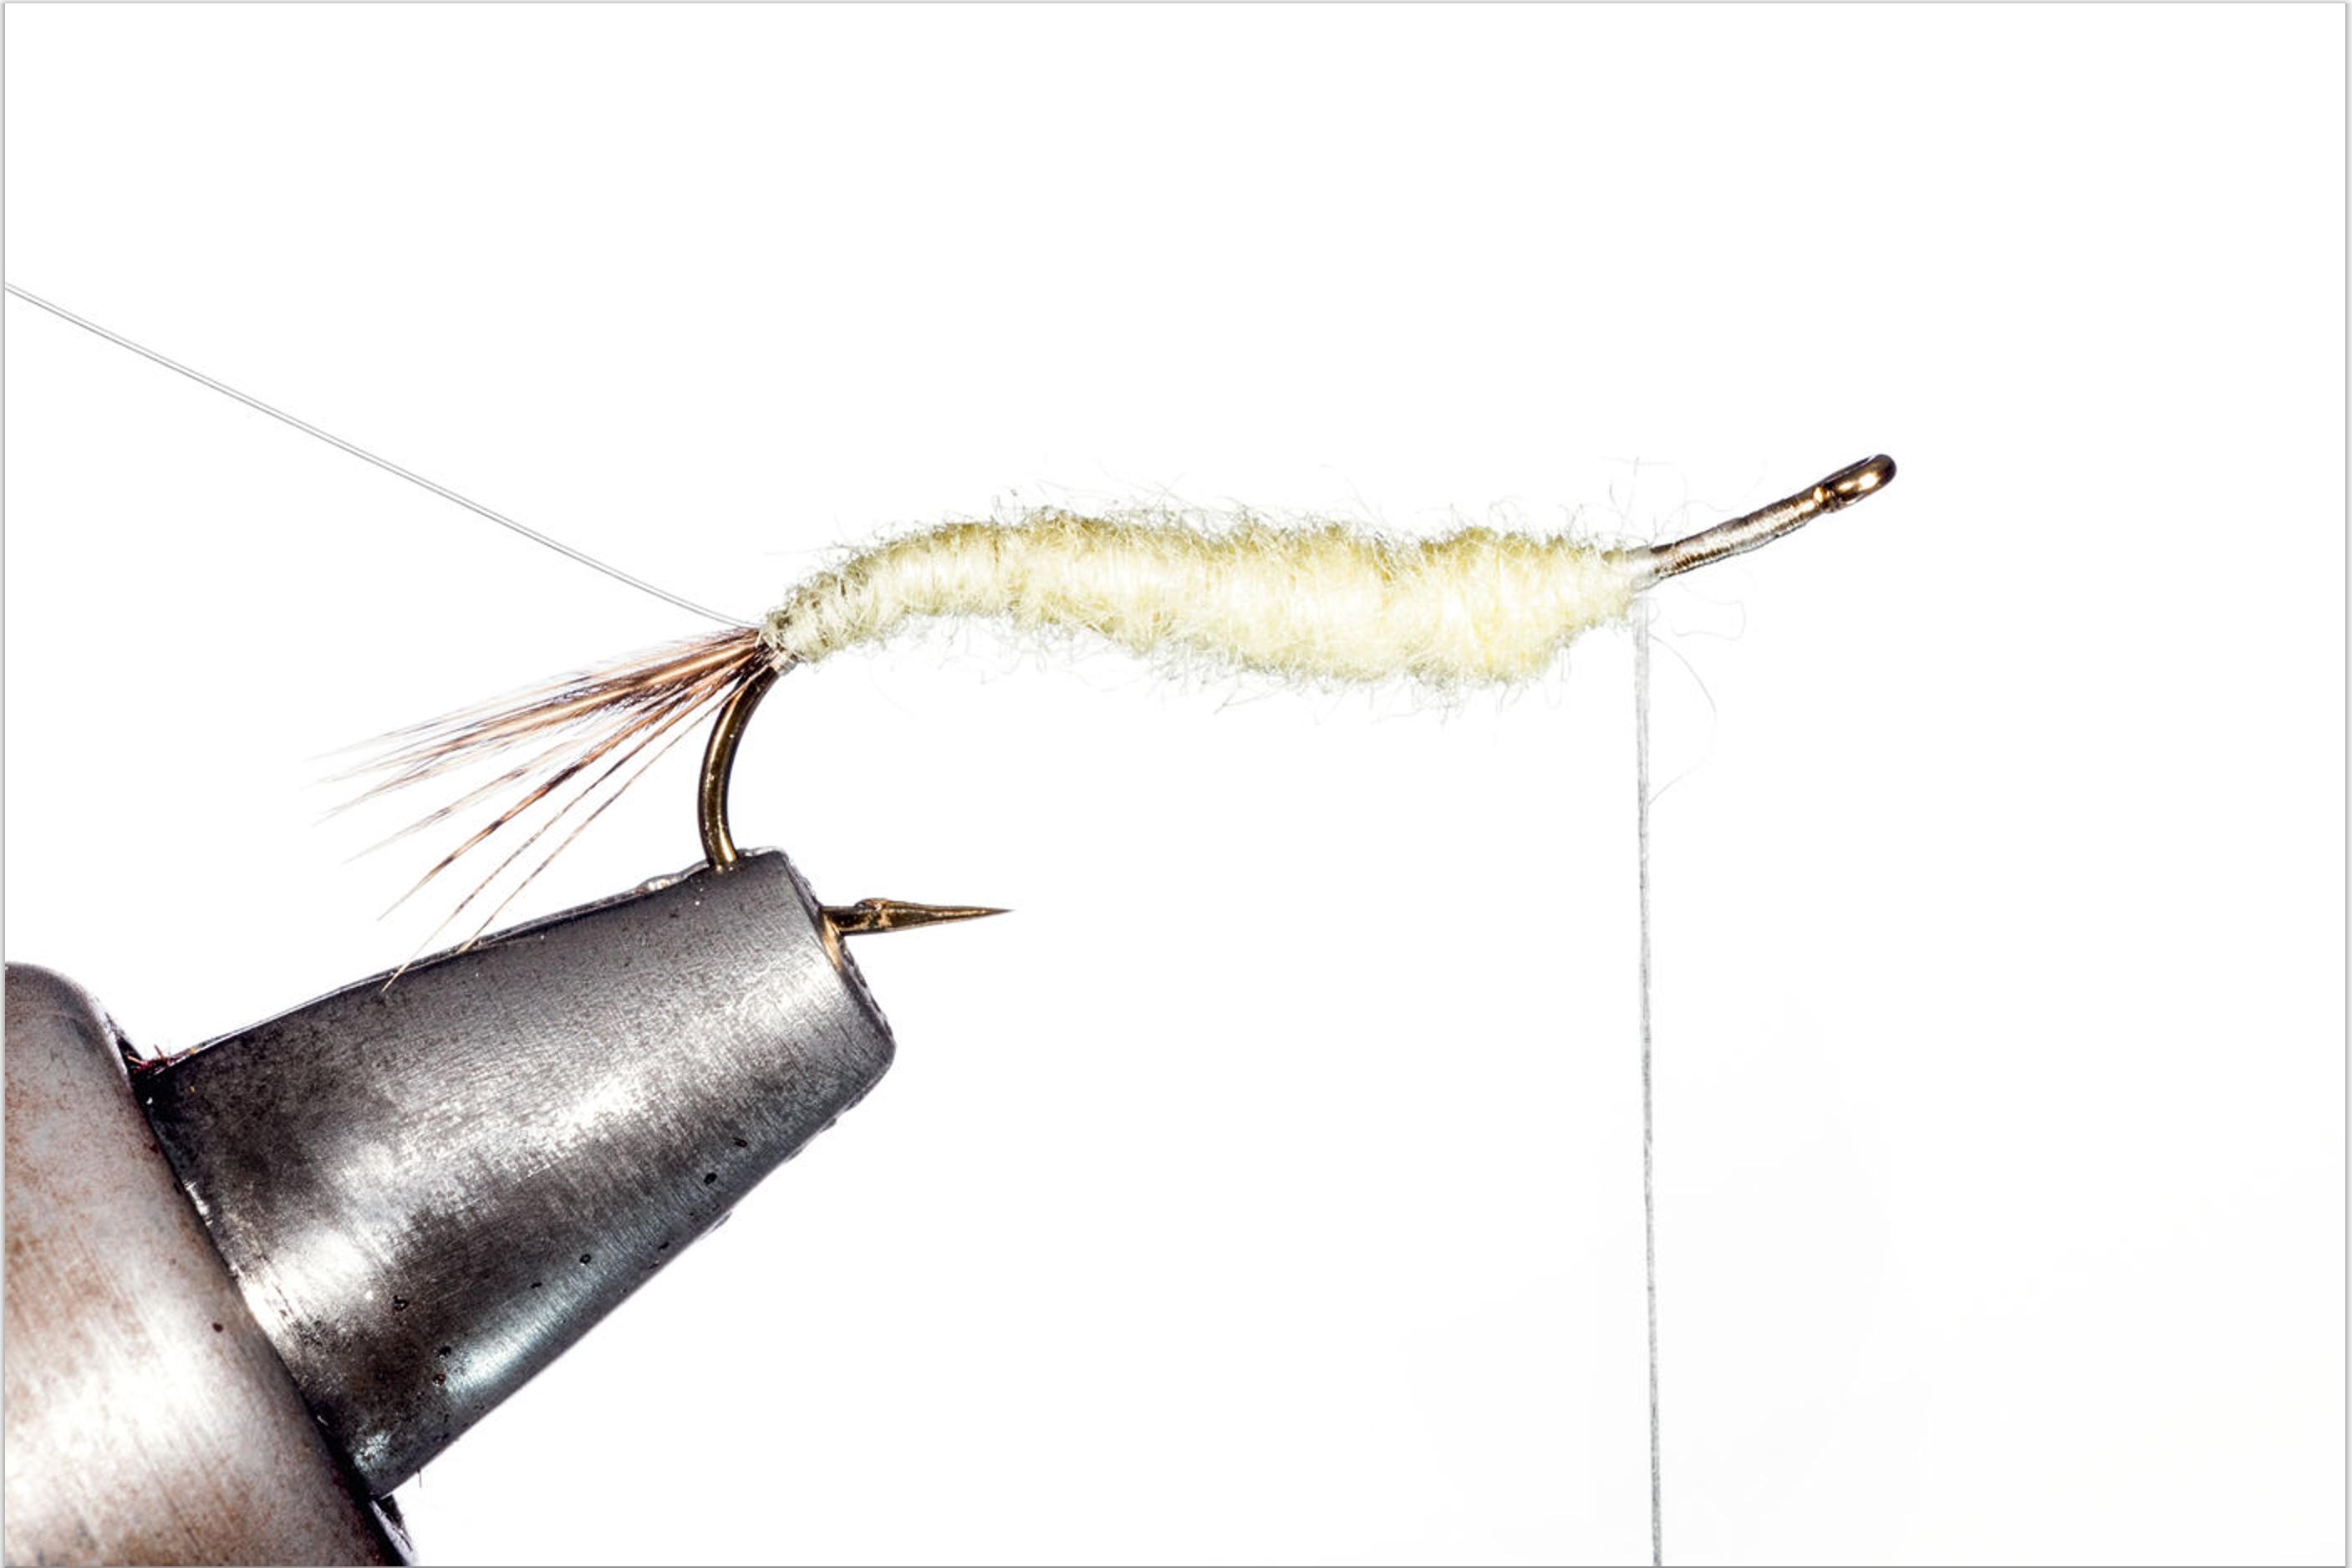 3. Spinnen Sie nun etwas Antron-Dubbing um den Faden und formen Sie mit dem Dubbing-strang einen schlanken und nach vorne hin leicht konisch zulaufenden Körper. Achten Sie dabei auf eine stramme Verarbeitung des Dubbings!